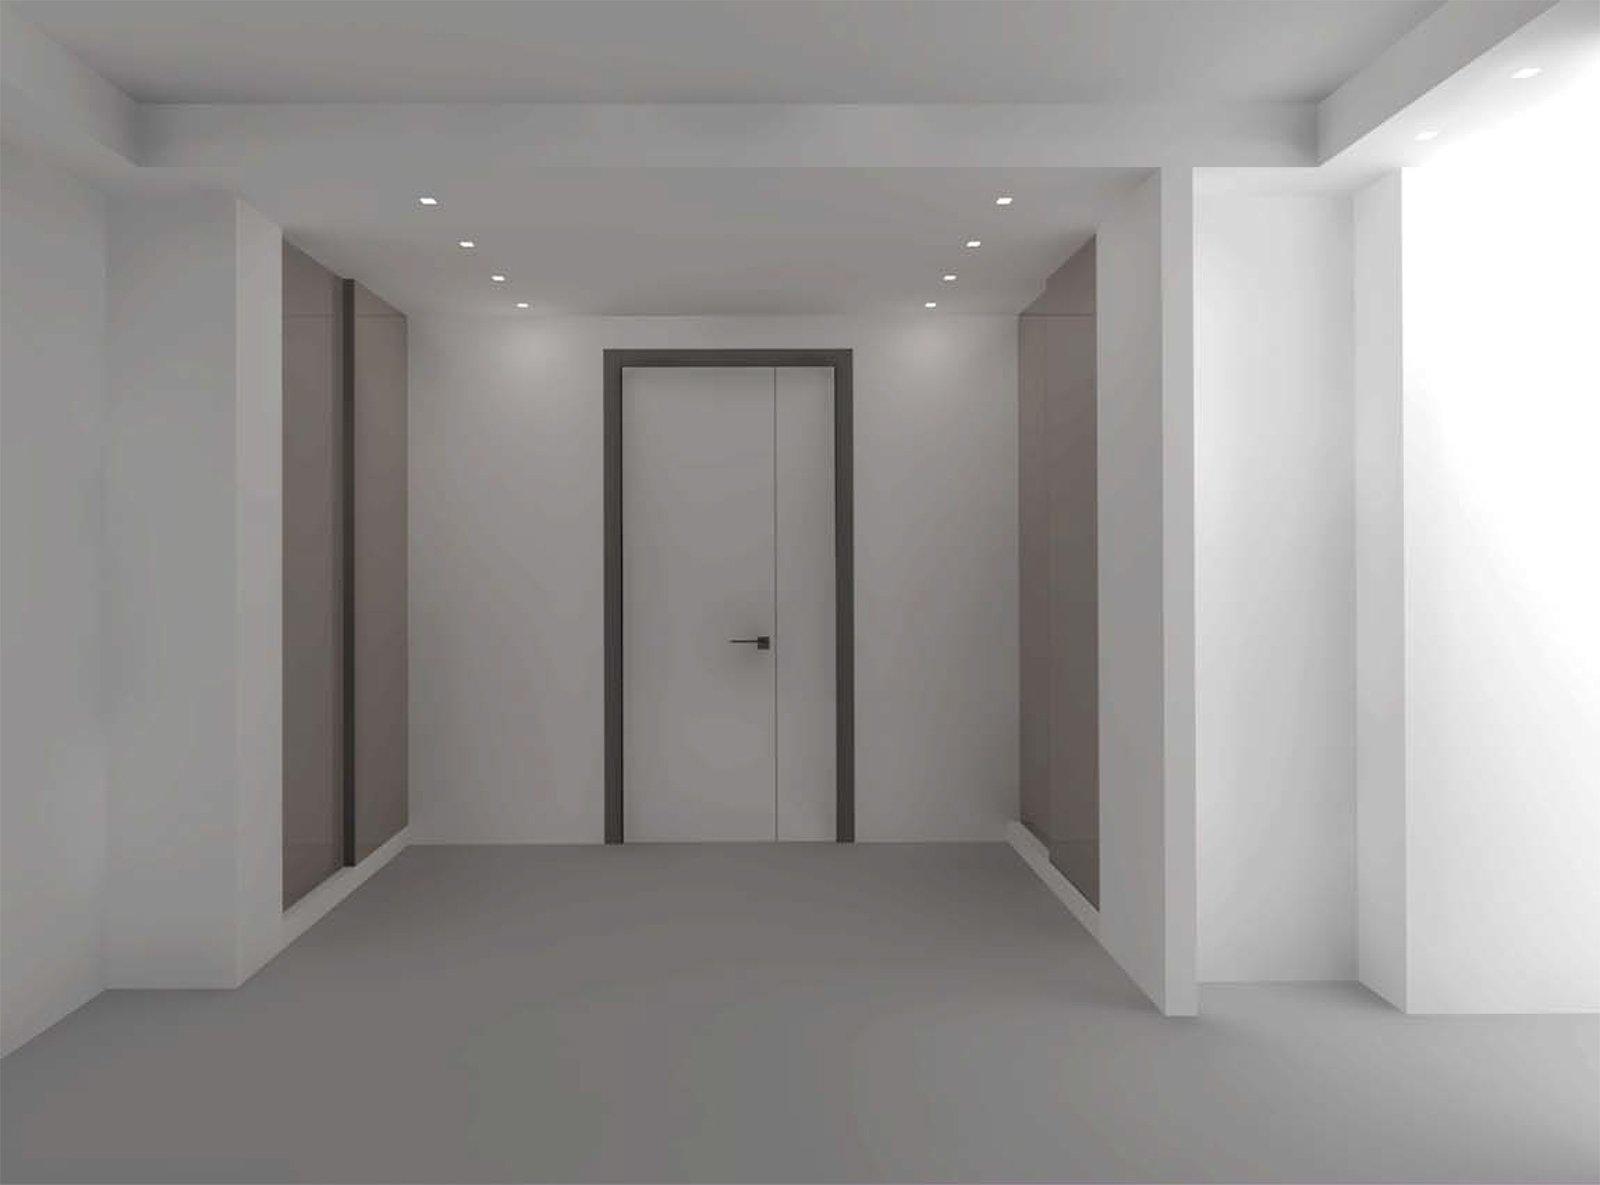 Illuminare gli ambienti con i faretti cose di casa for Faretti camera da letto